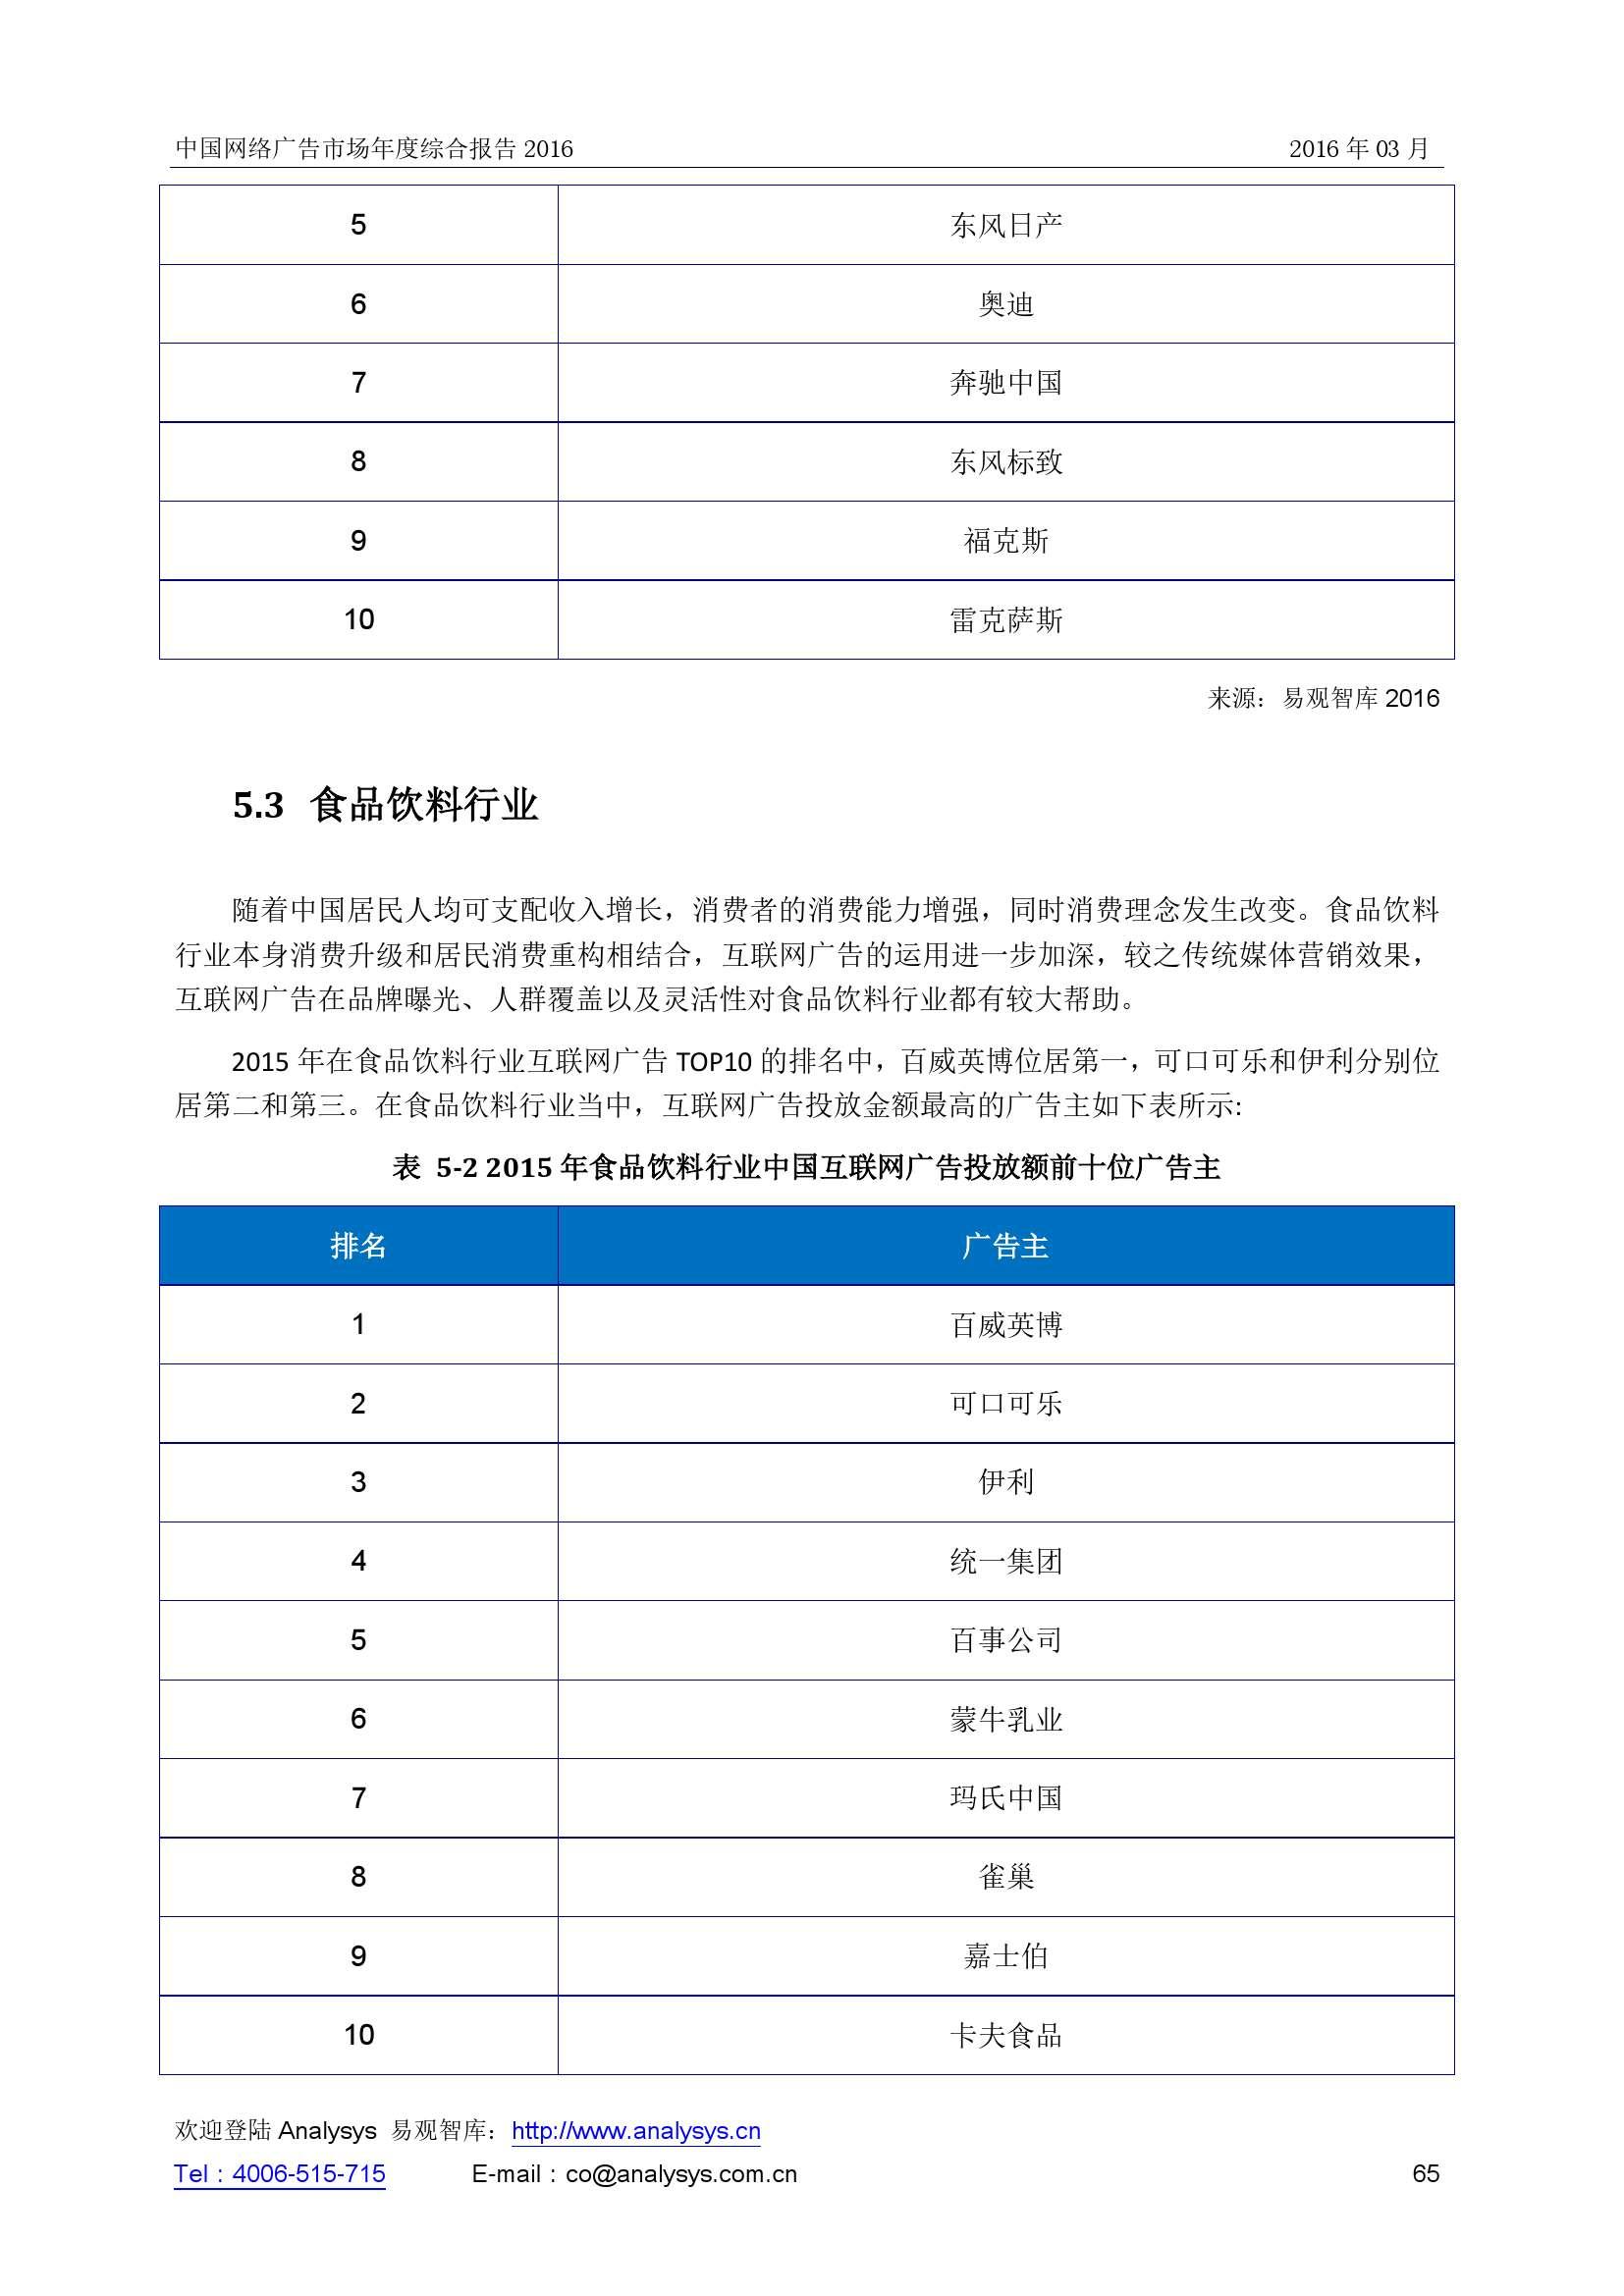 中国网络广告市场年度综合报告2016_000065